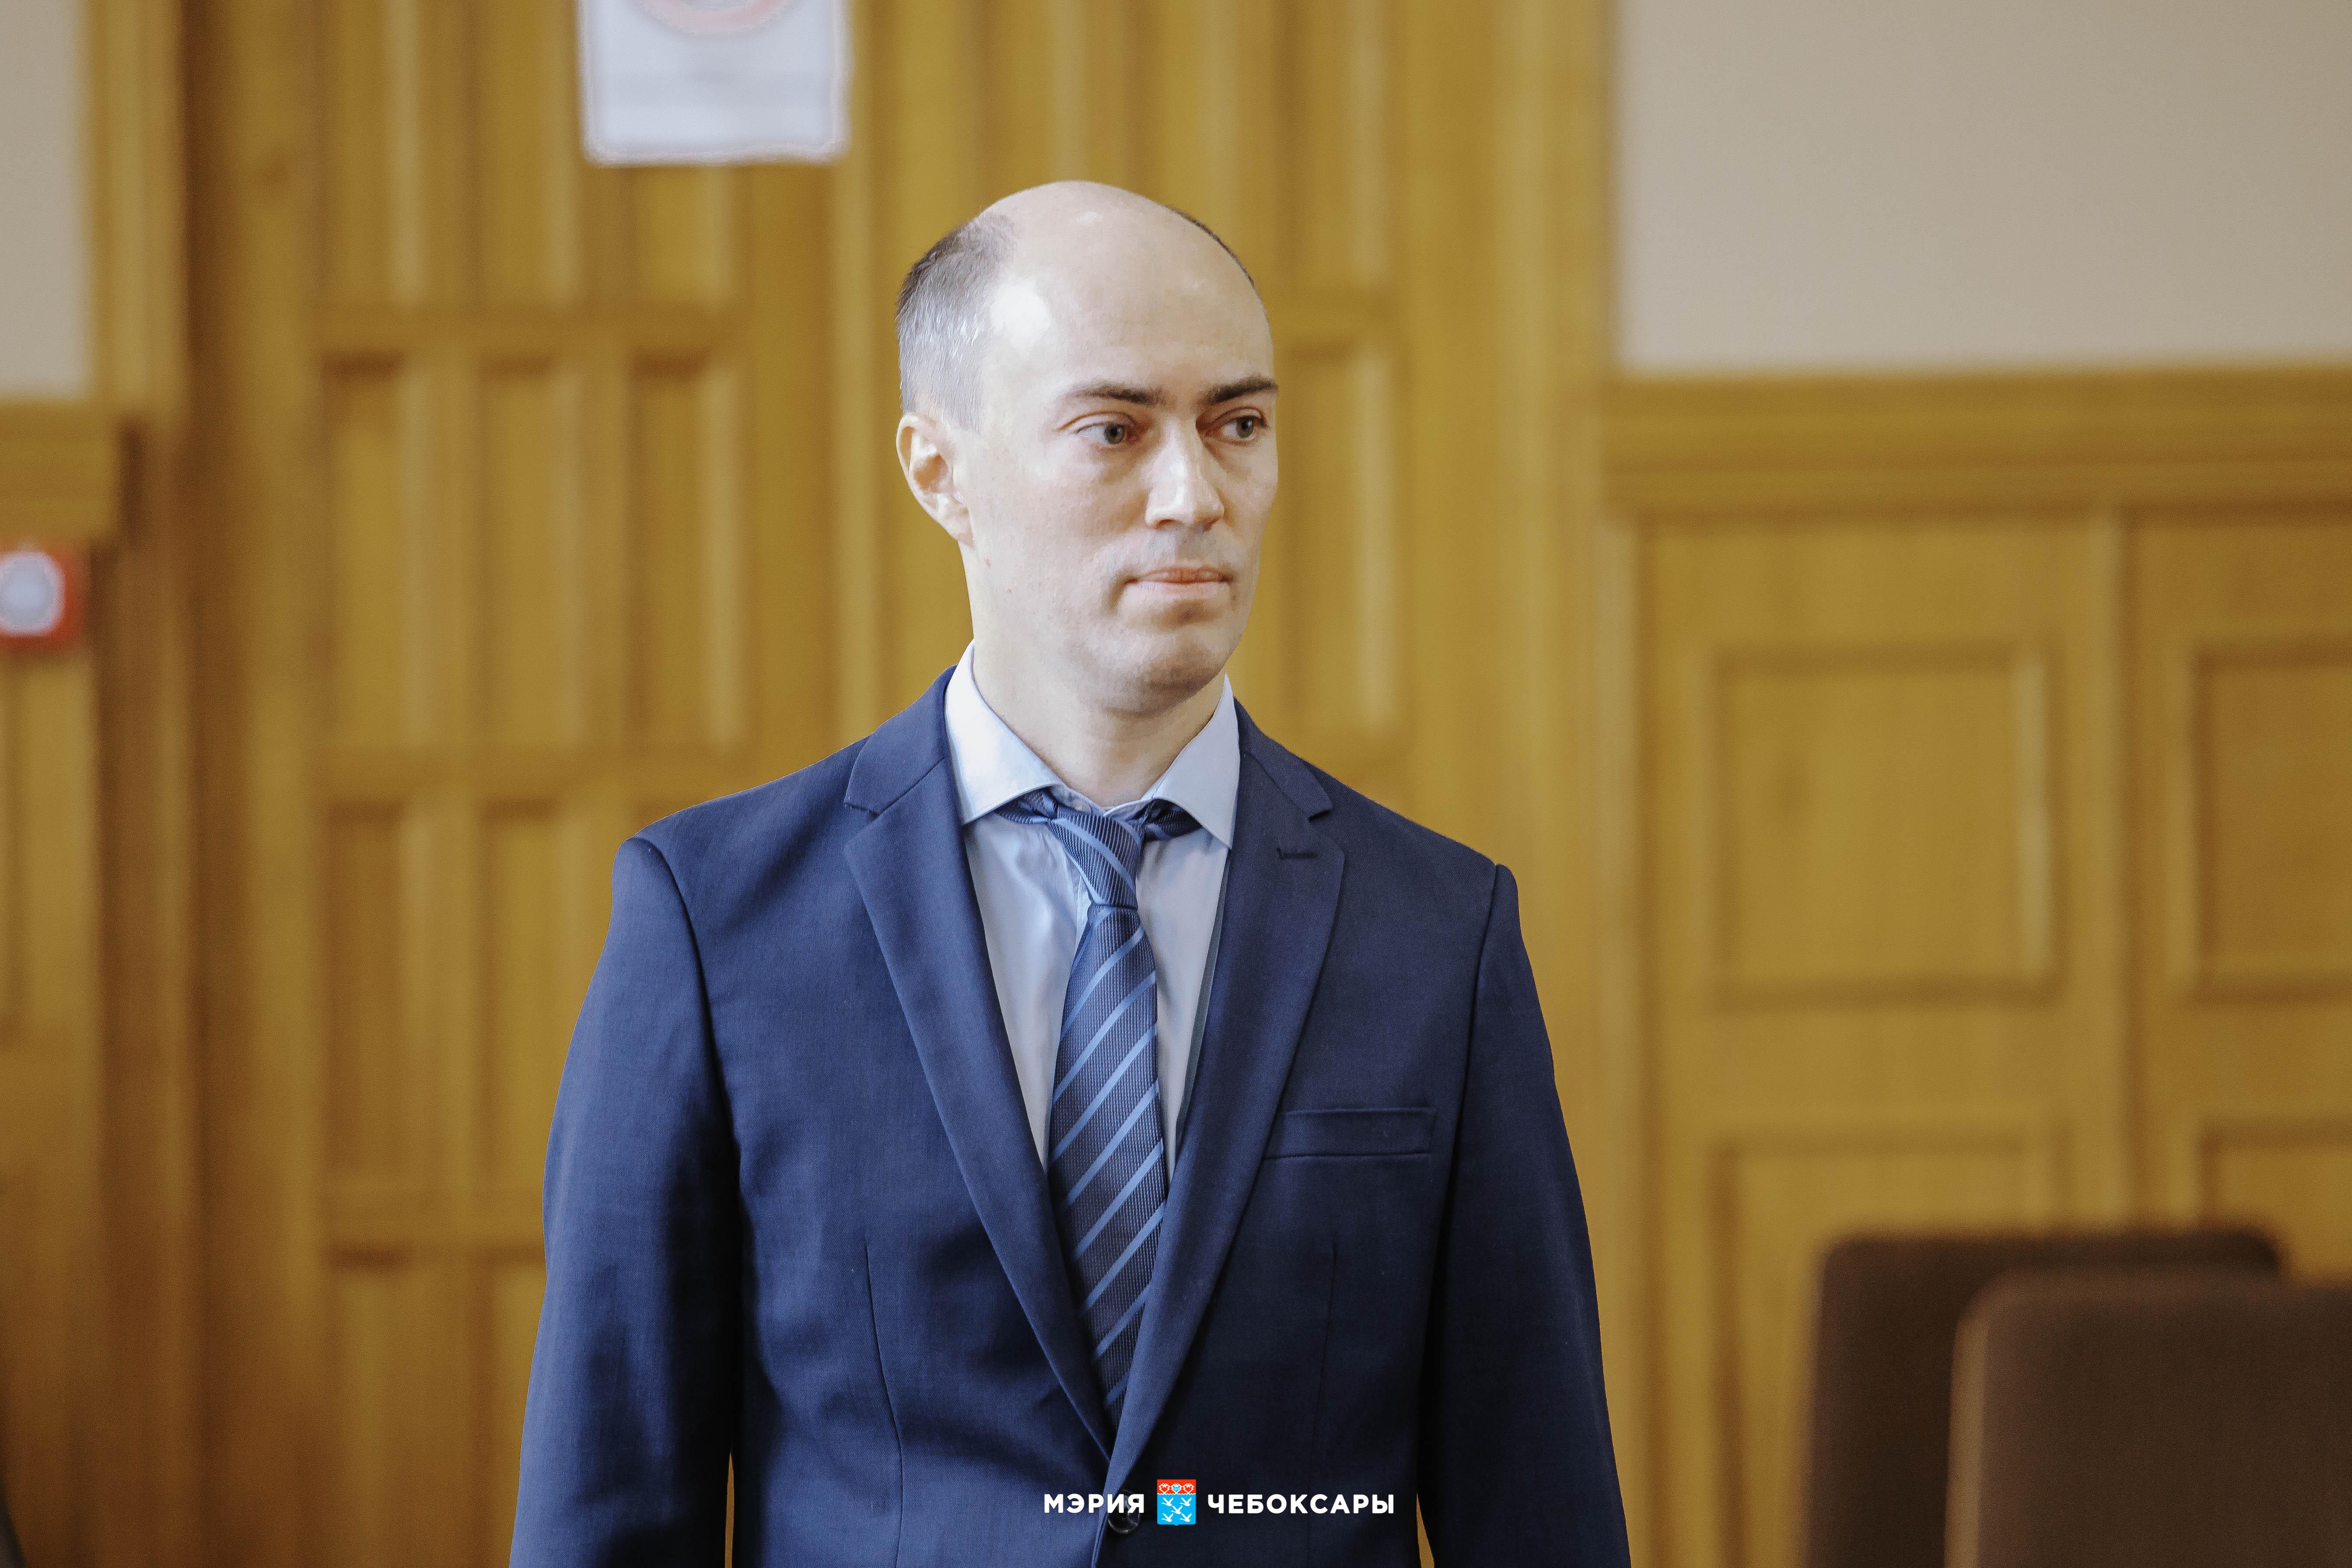 В администрации Чебоксар назначен начальник отдела транспортного обеспечения